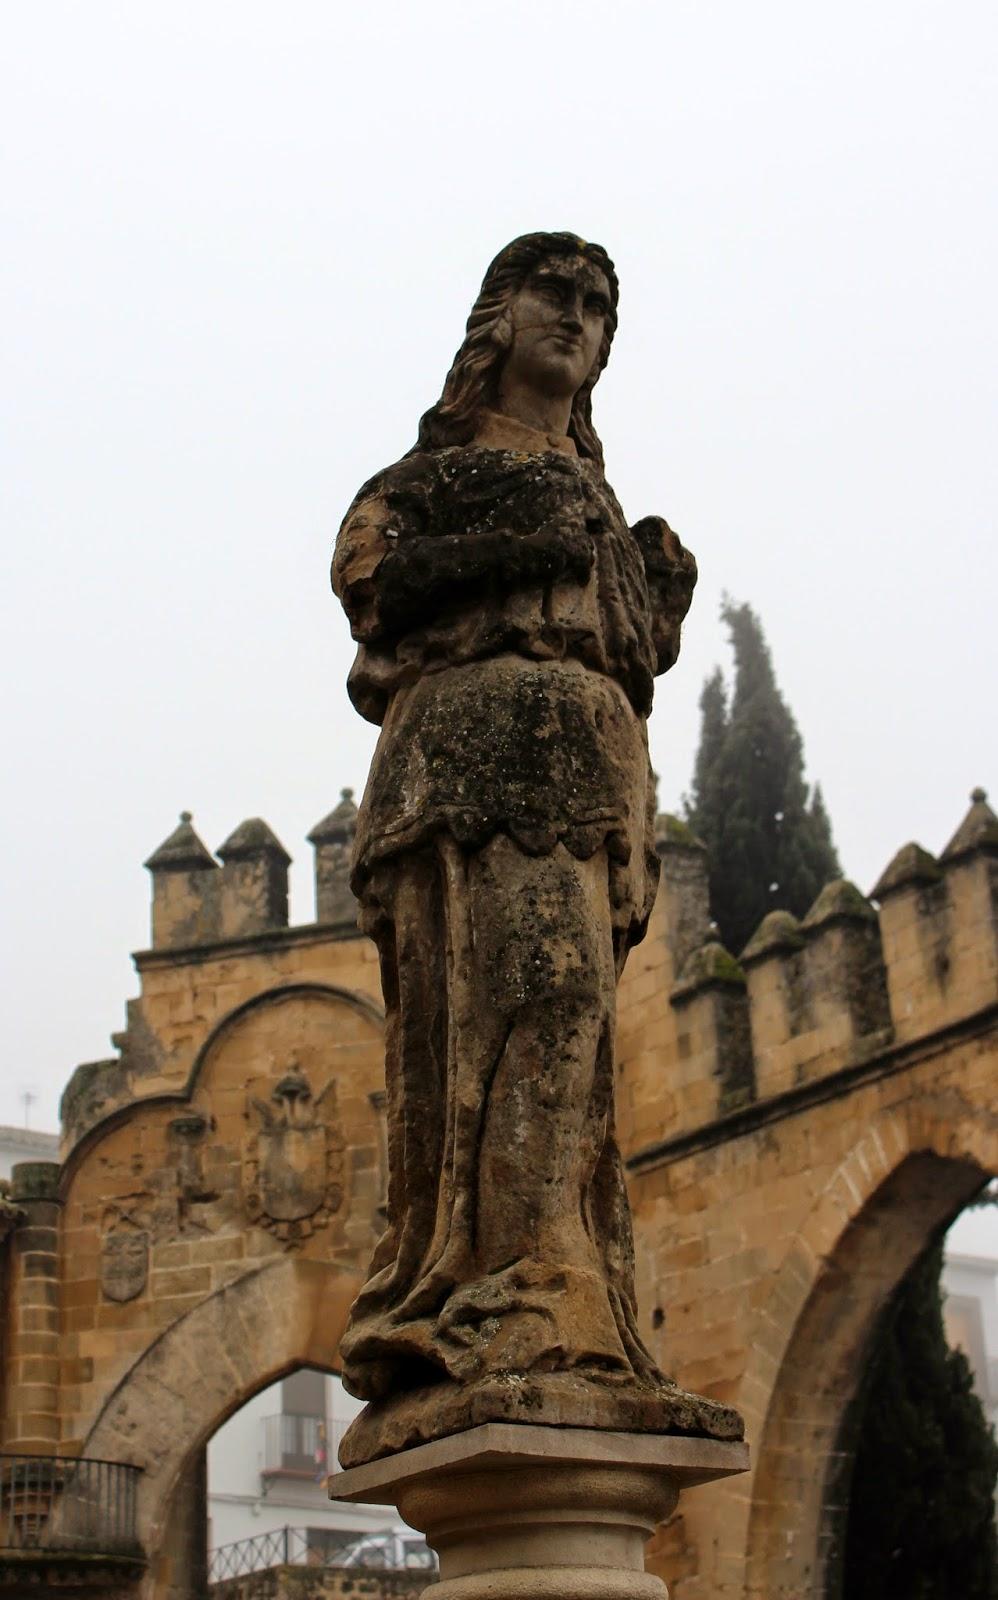 Estatua Ibero romana en Baeza